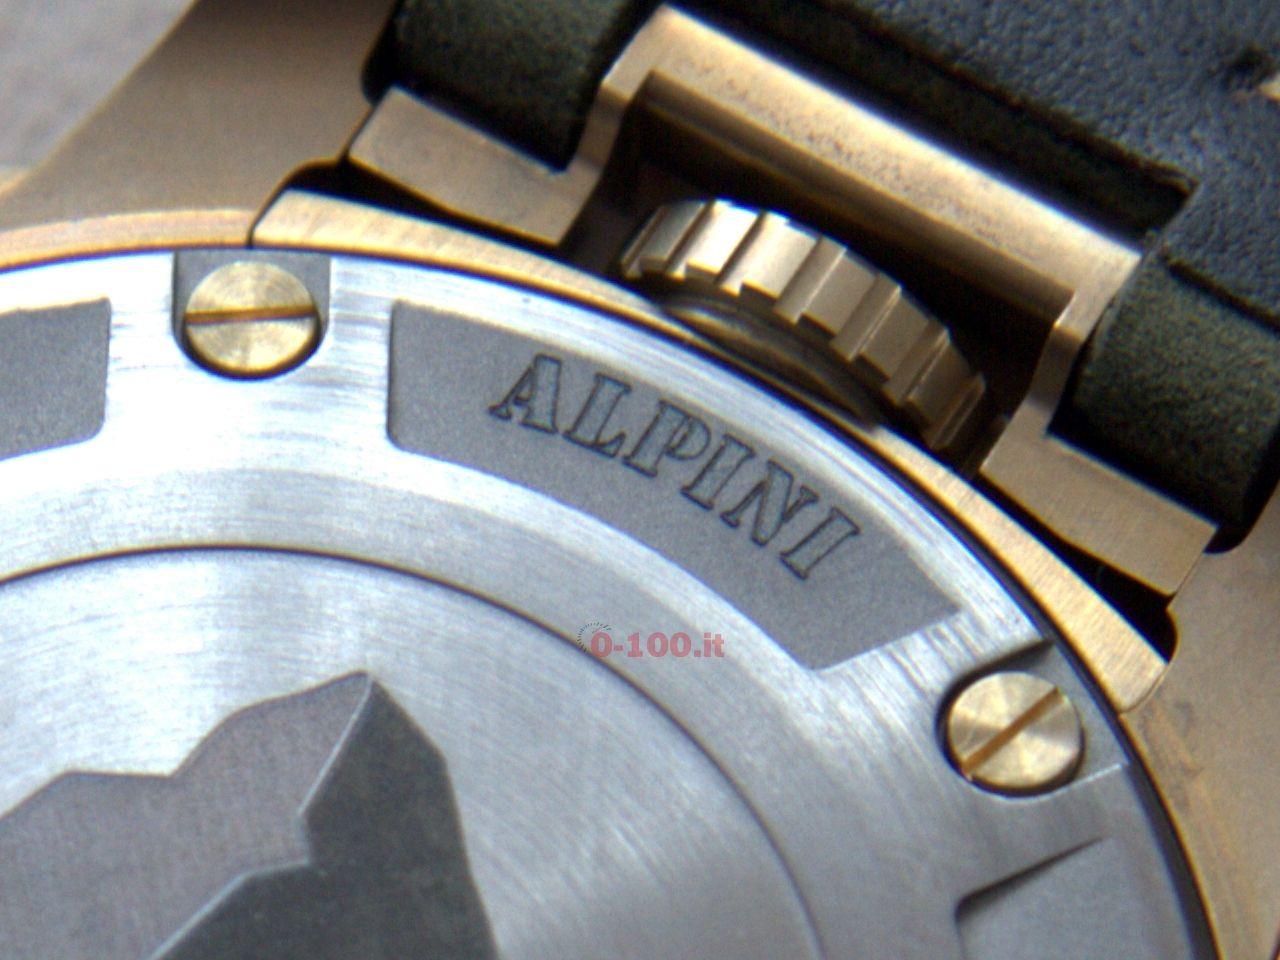 anonimo_militare-nautilo-chrono-date-bronze-prezzo-price-negozi-dealer-0-100_27